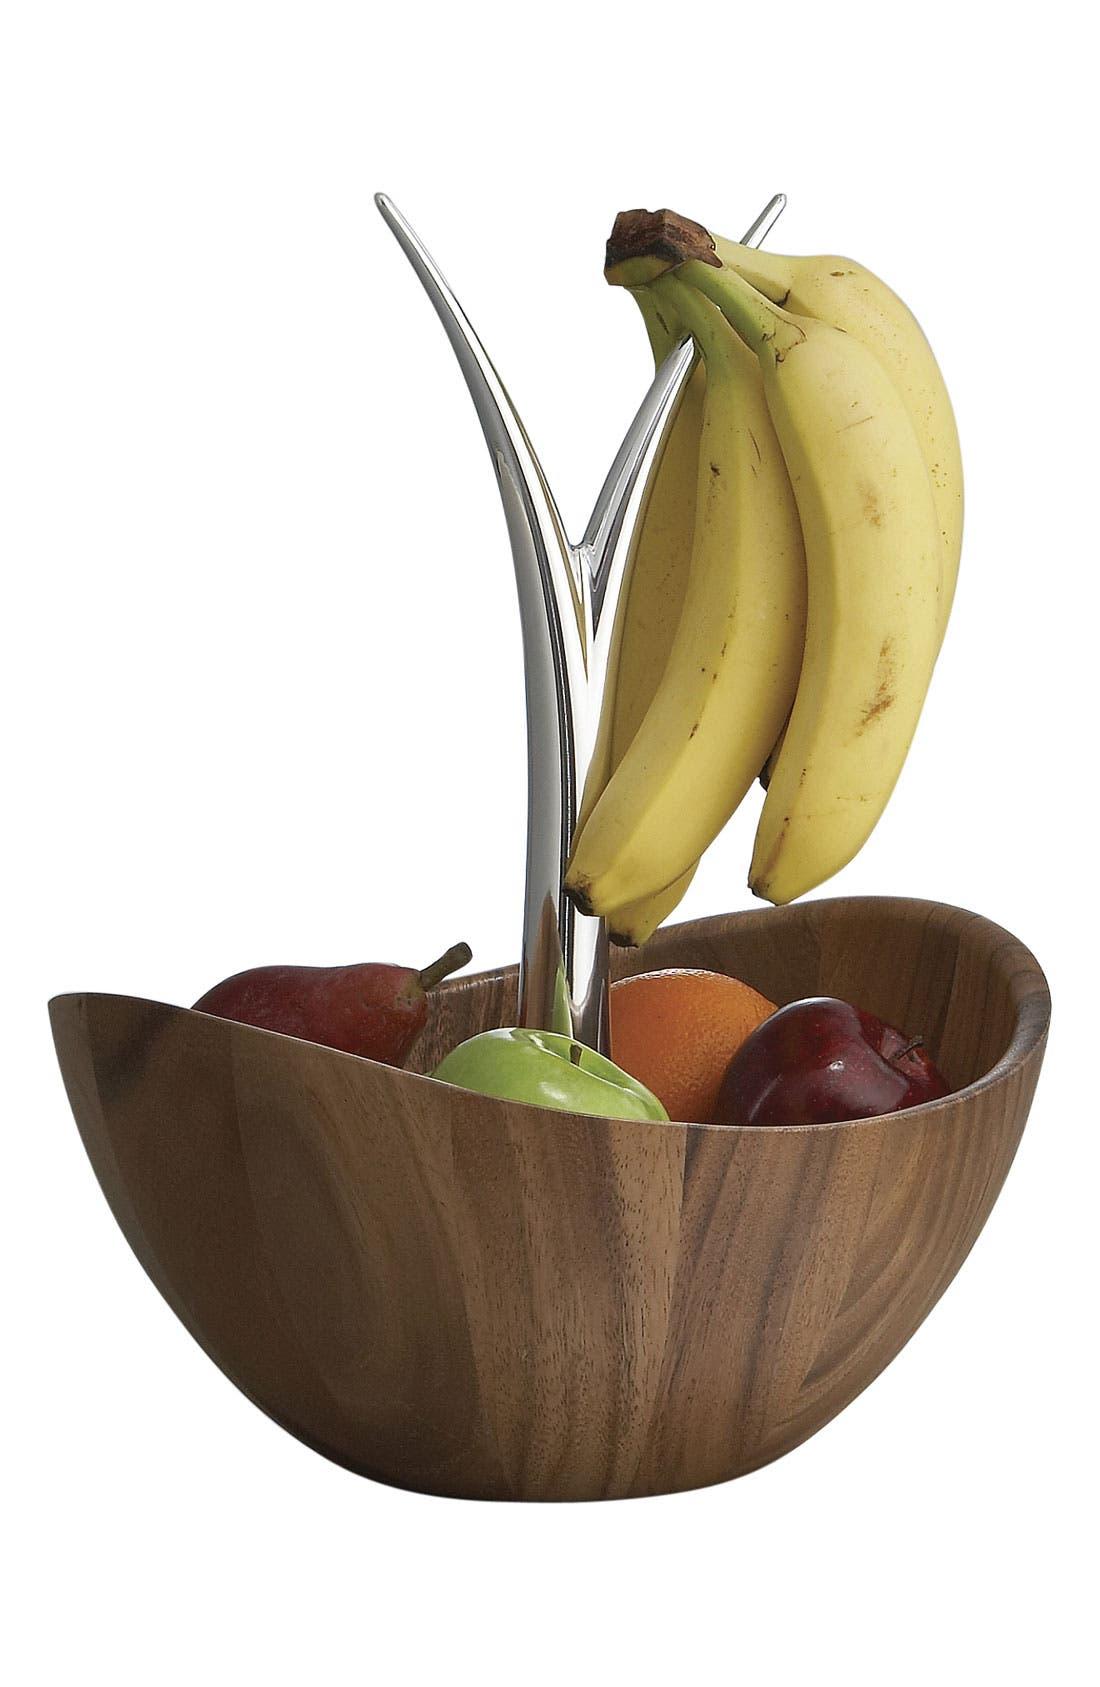 Nambé 'Fruit Tree' Bowl